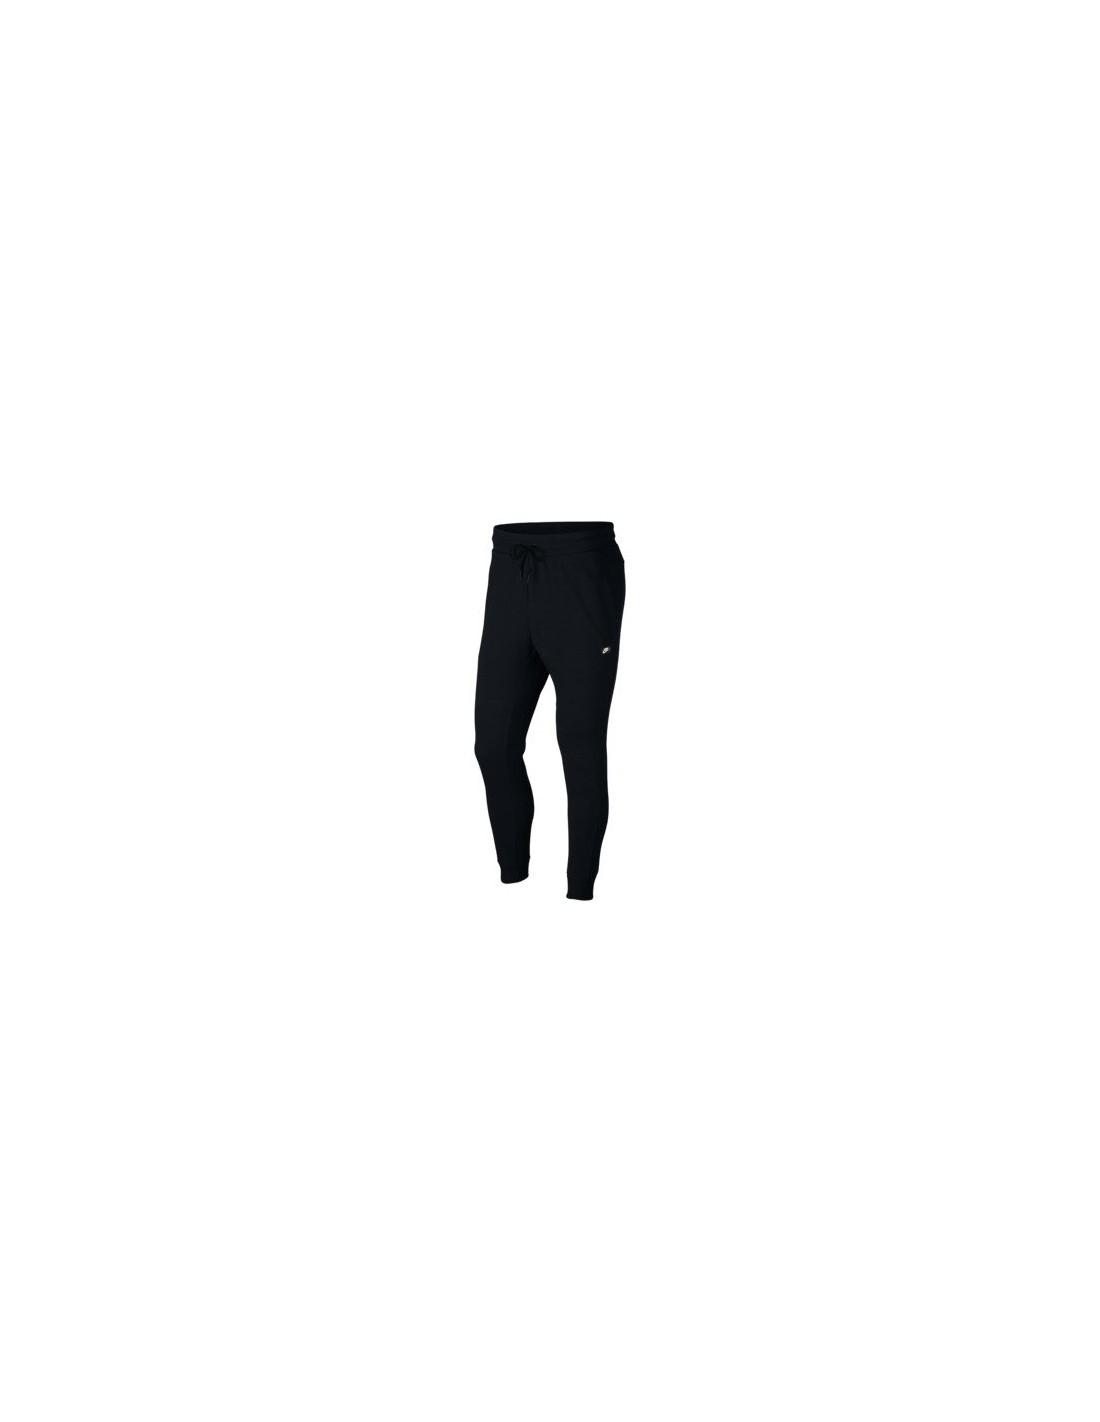 Treningsbukser Herrer Nike Sportswear Optic Joggebukse Herre 928493 579 kr